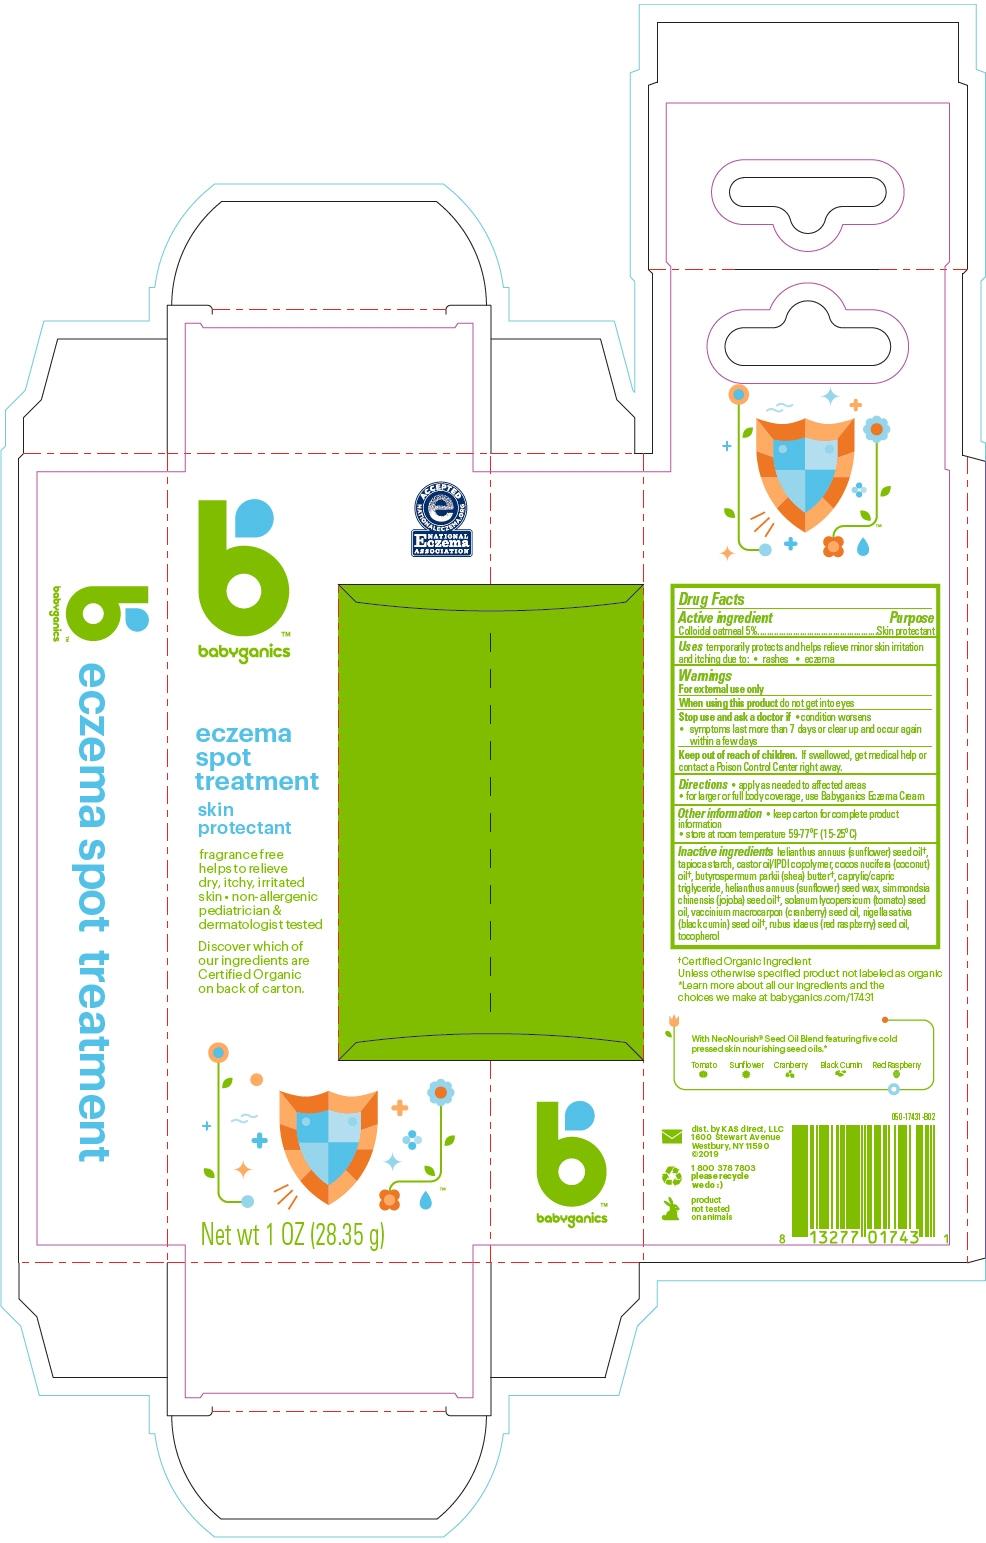 PRINCIPAL DISPLAY PANEL - 28.35 g Tube Carton